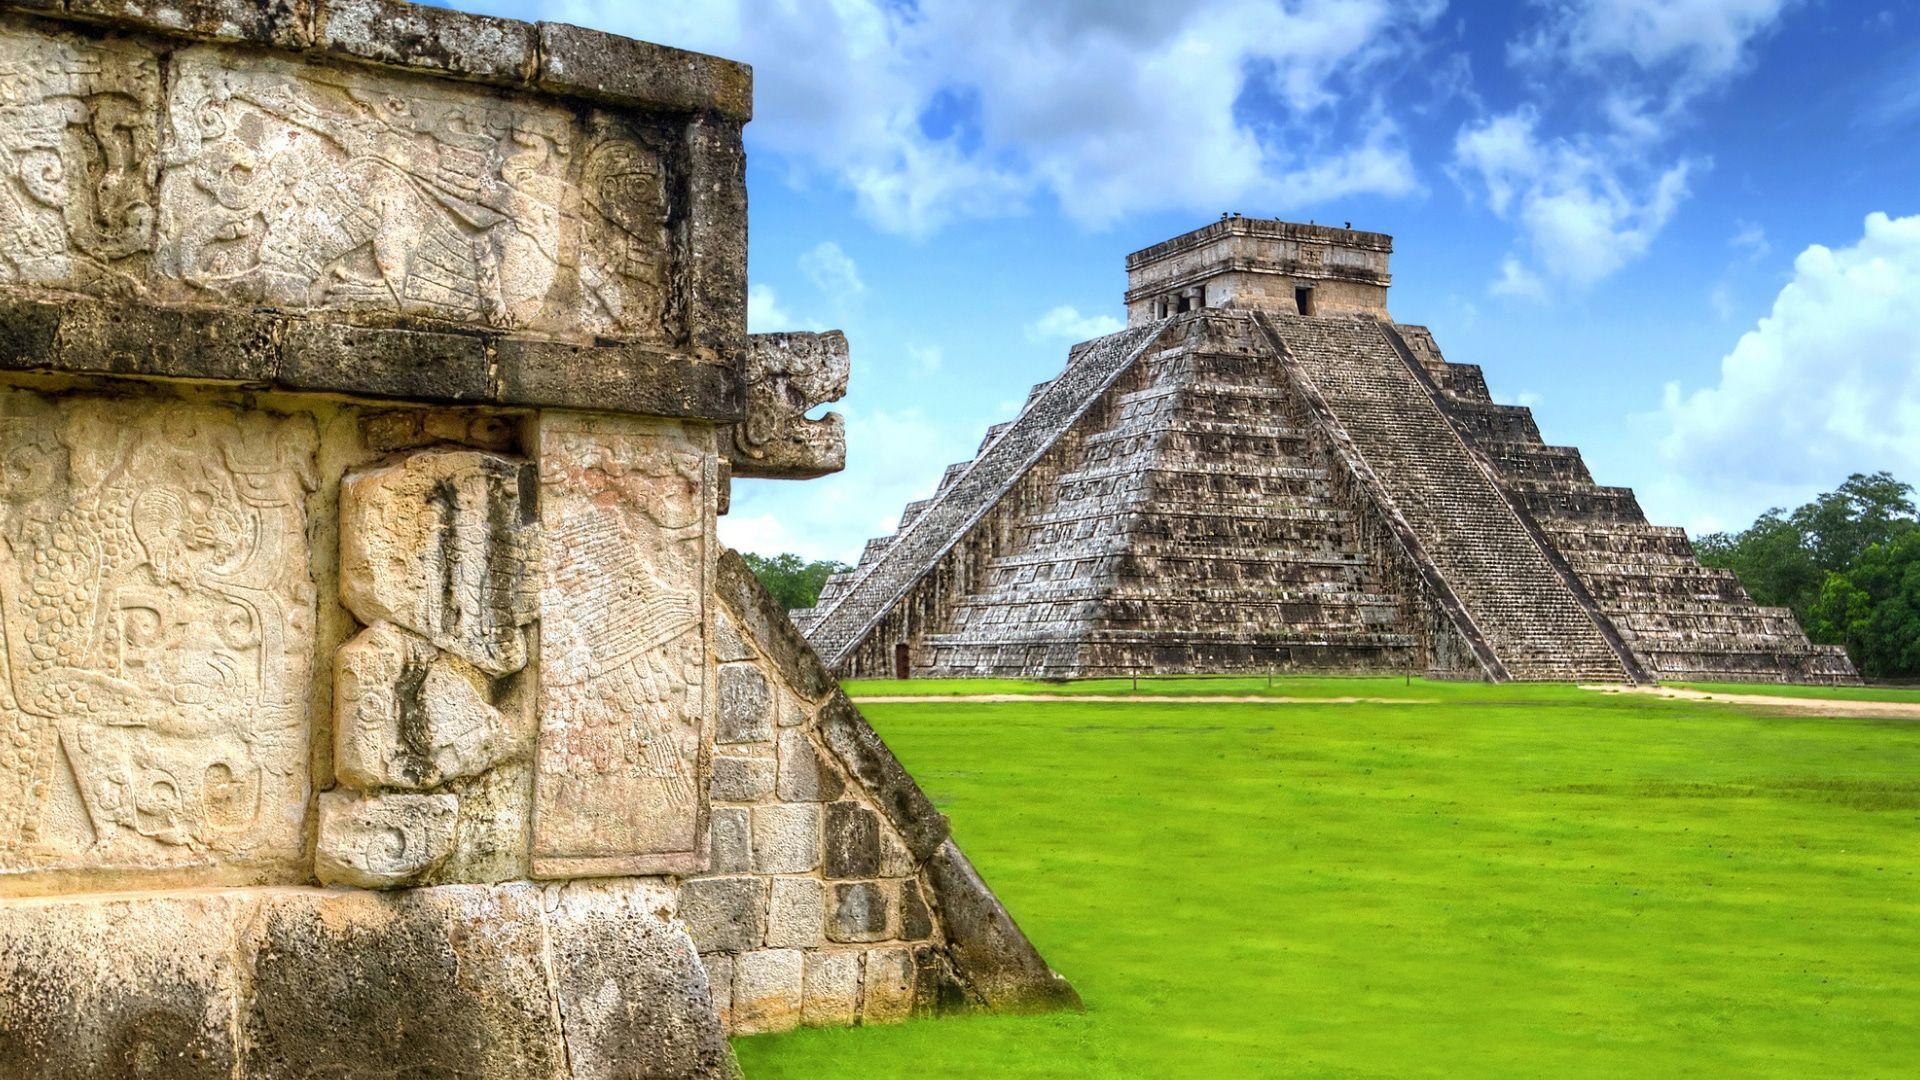 Garsusis Majų palikimas - Kukulkan piramidė